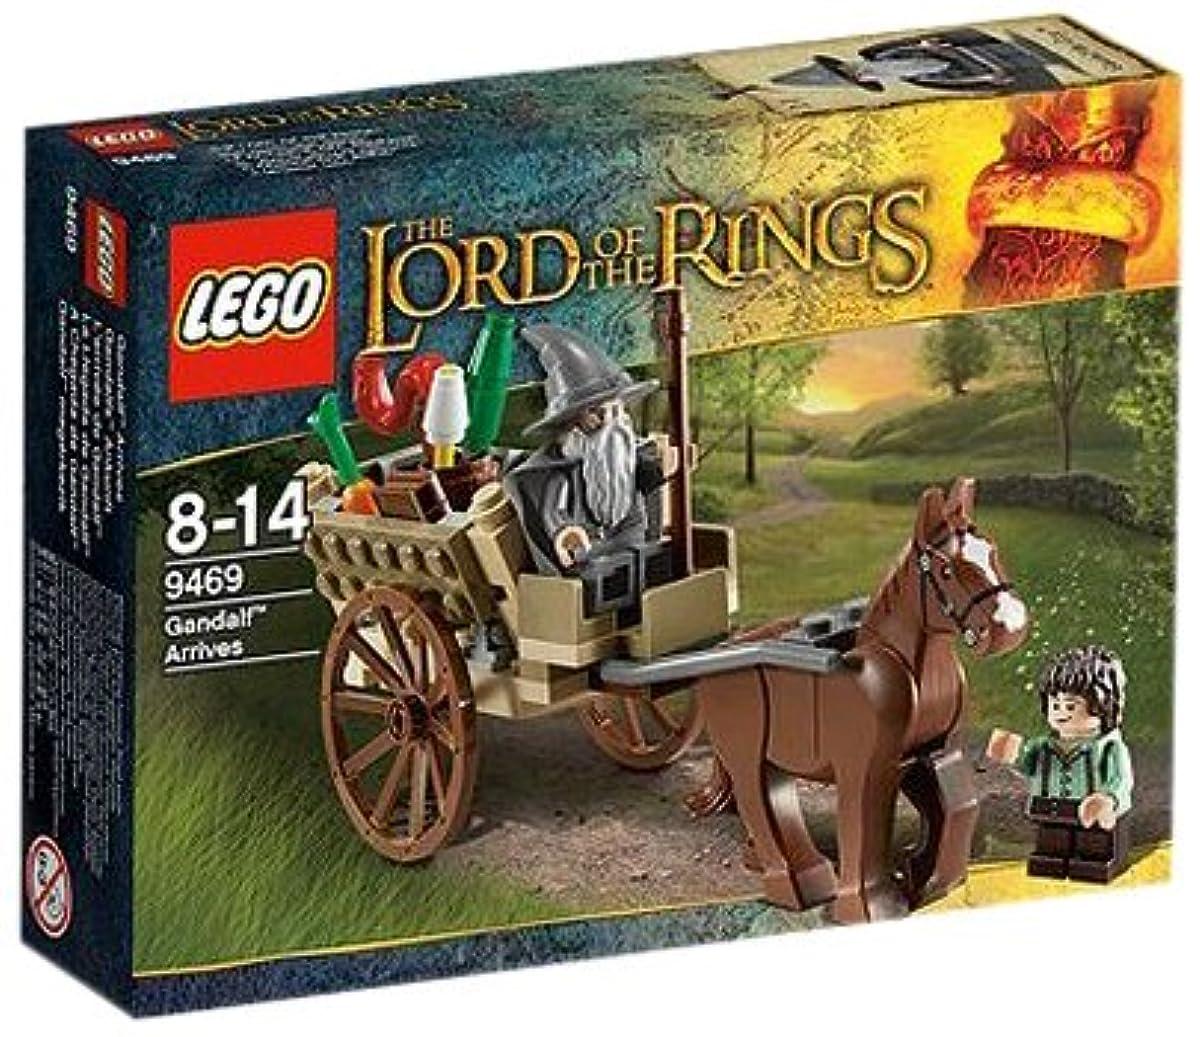 [해외] 레고 (LEGO) 반지의 제왕 건 달후의 등장 9469-9469 (2012-07-13)